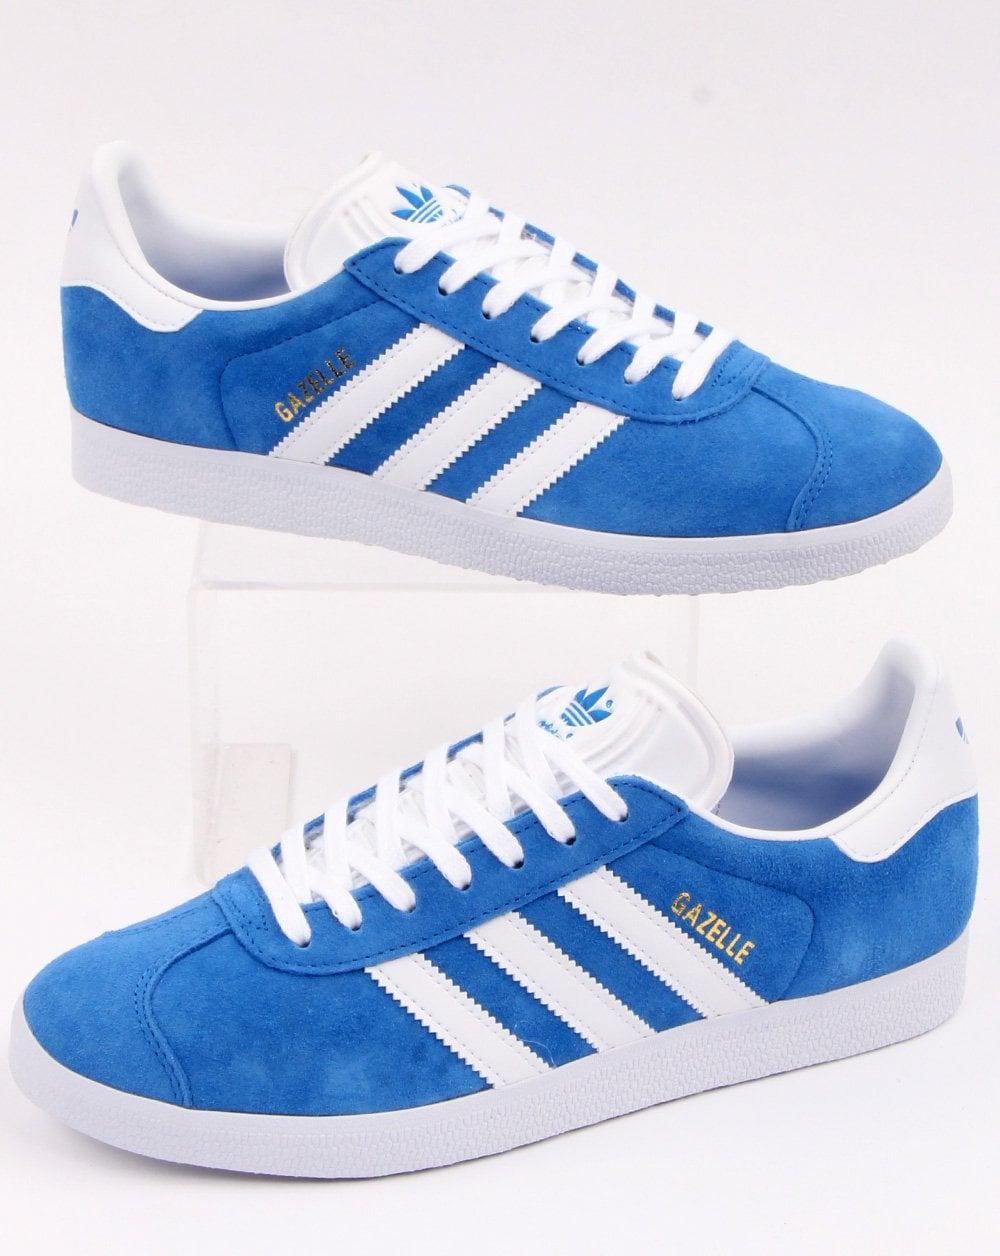 Escribe un reporte Previsión champú  Adidas Gazelle Trainers Blue/White - adidas At 80s Casual Classics